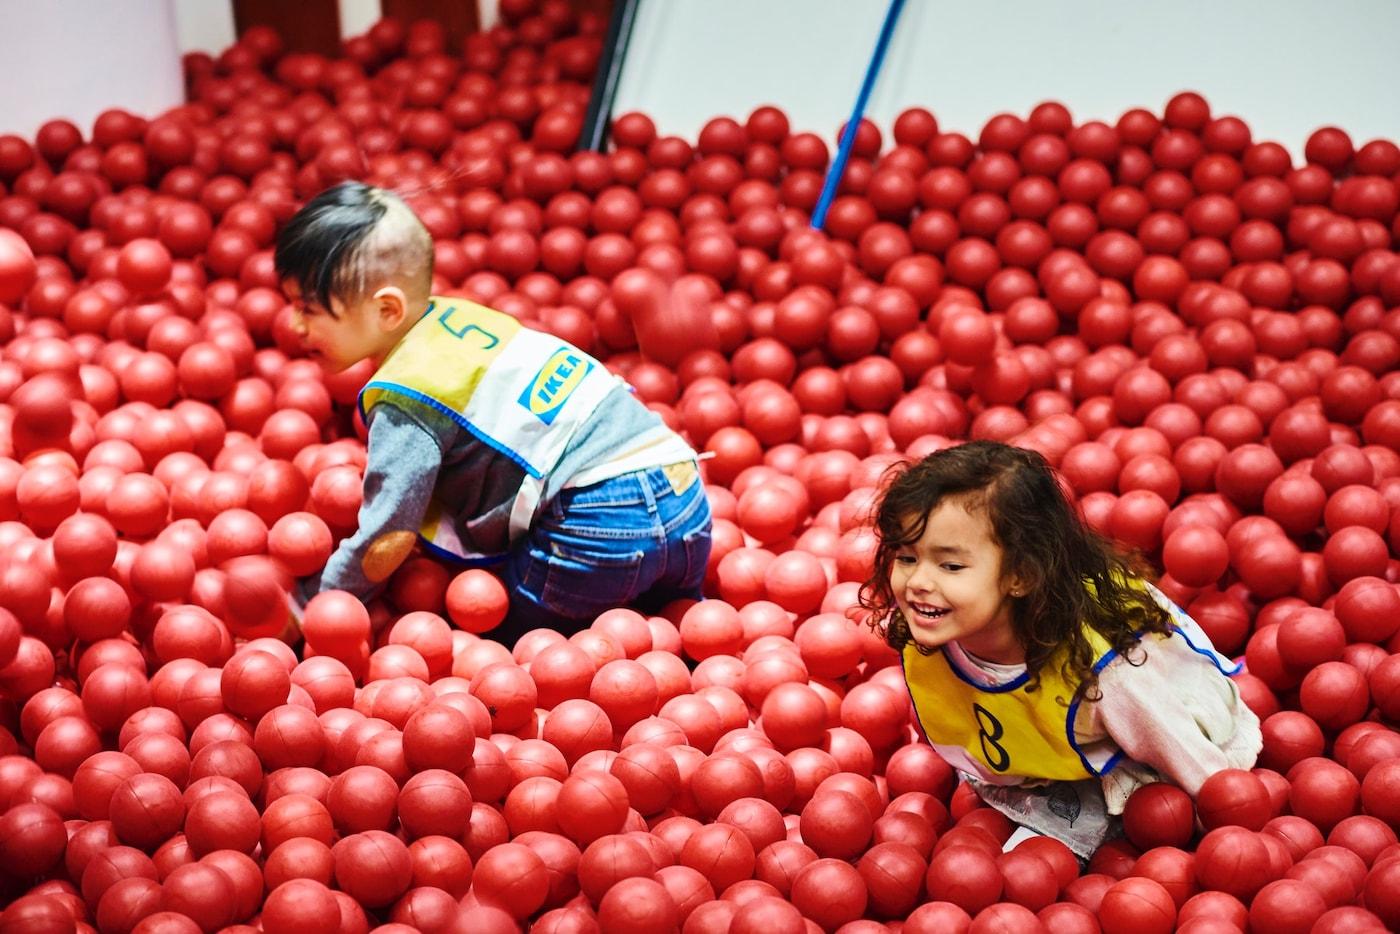 صورة تظهر طفلين يلعبان في سمولاند في جزء الكرات.